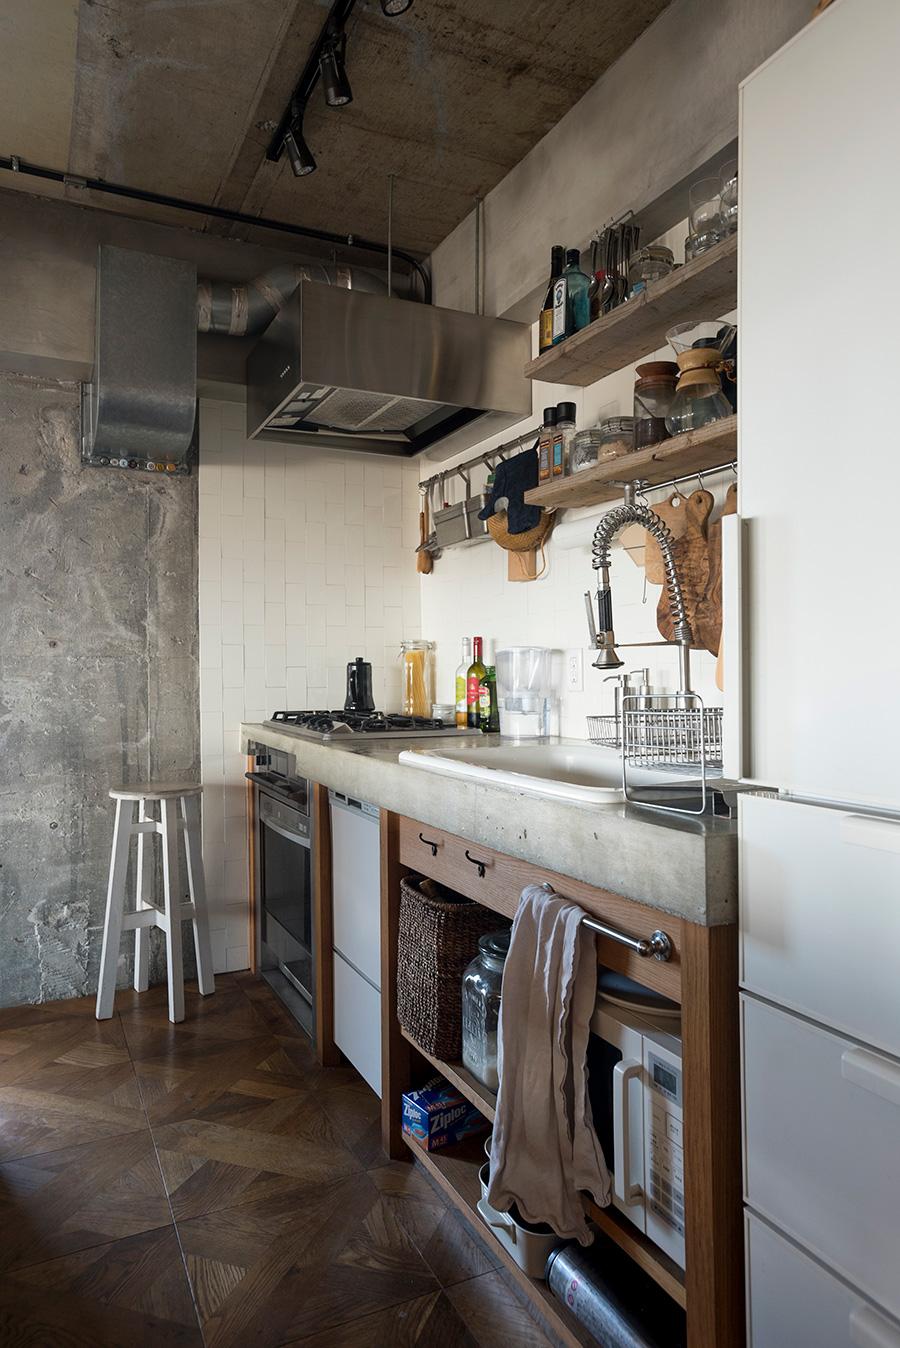 キッチン台の下もオープンに。レンジなど設置するものの位置とサイズも予め考慮。